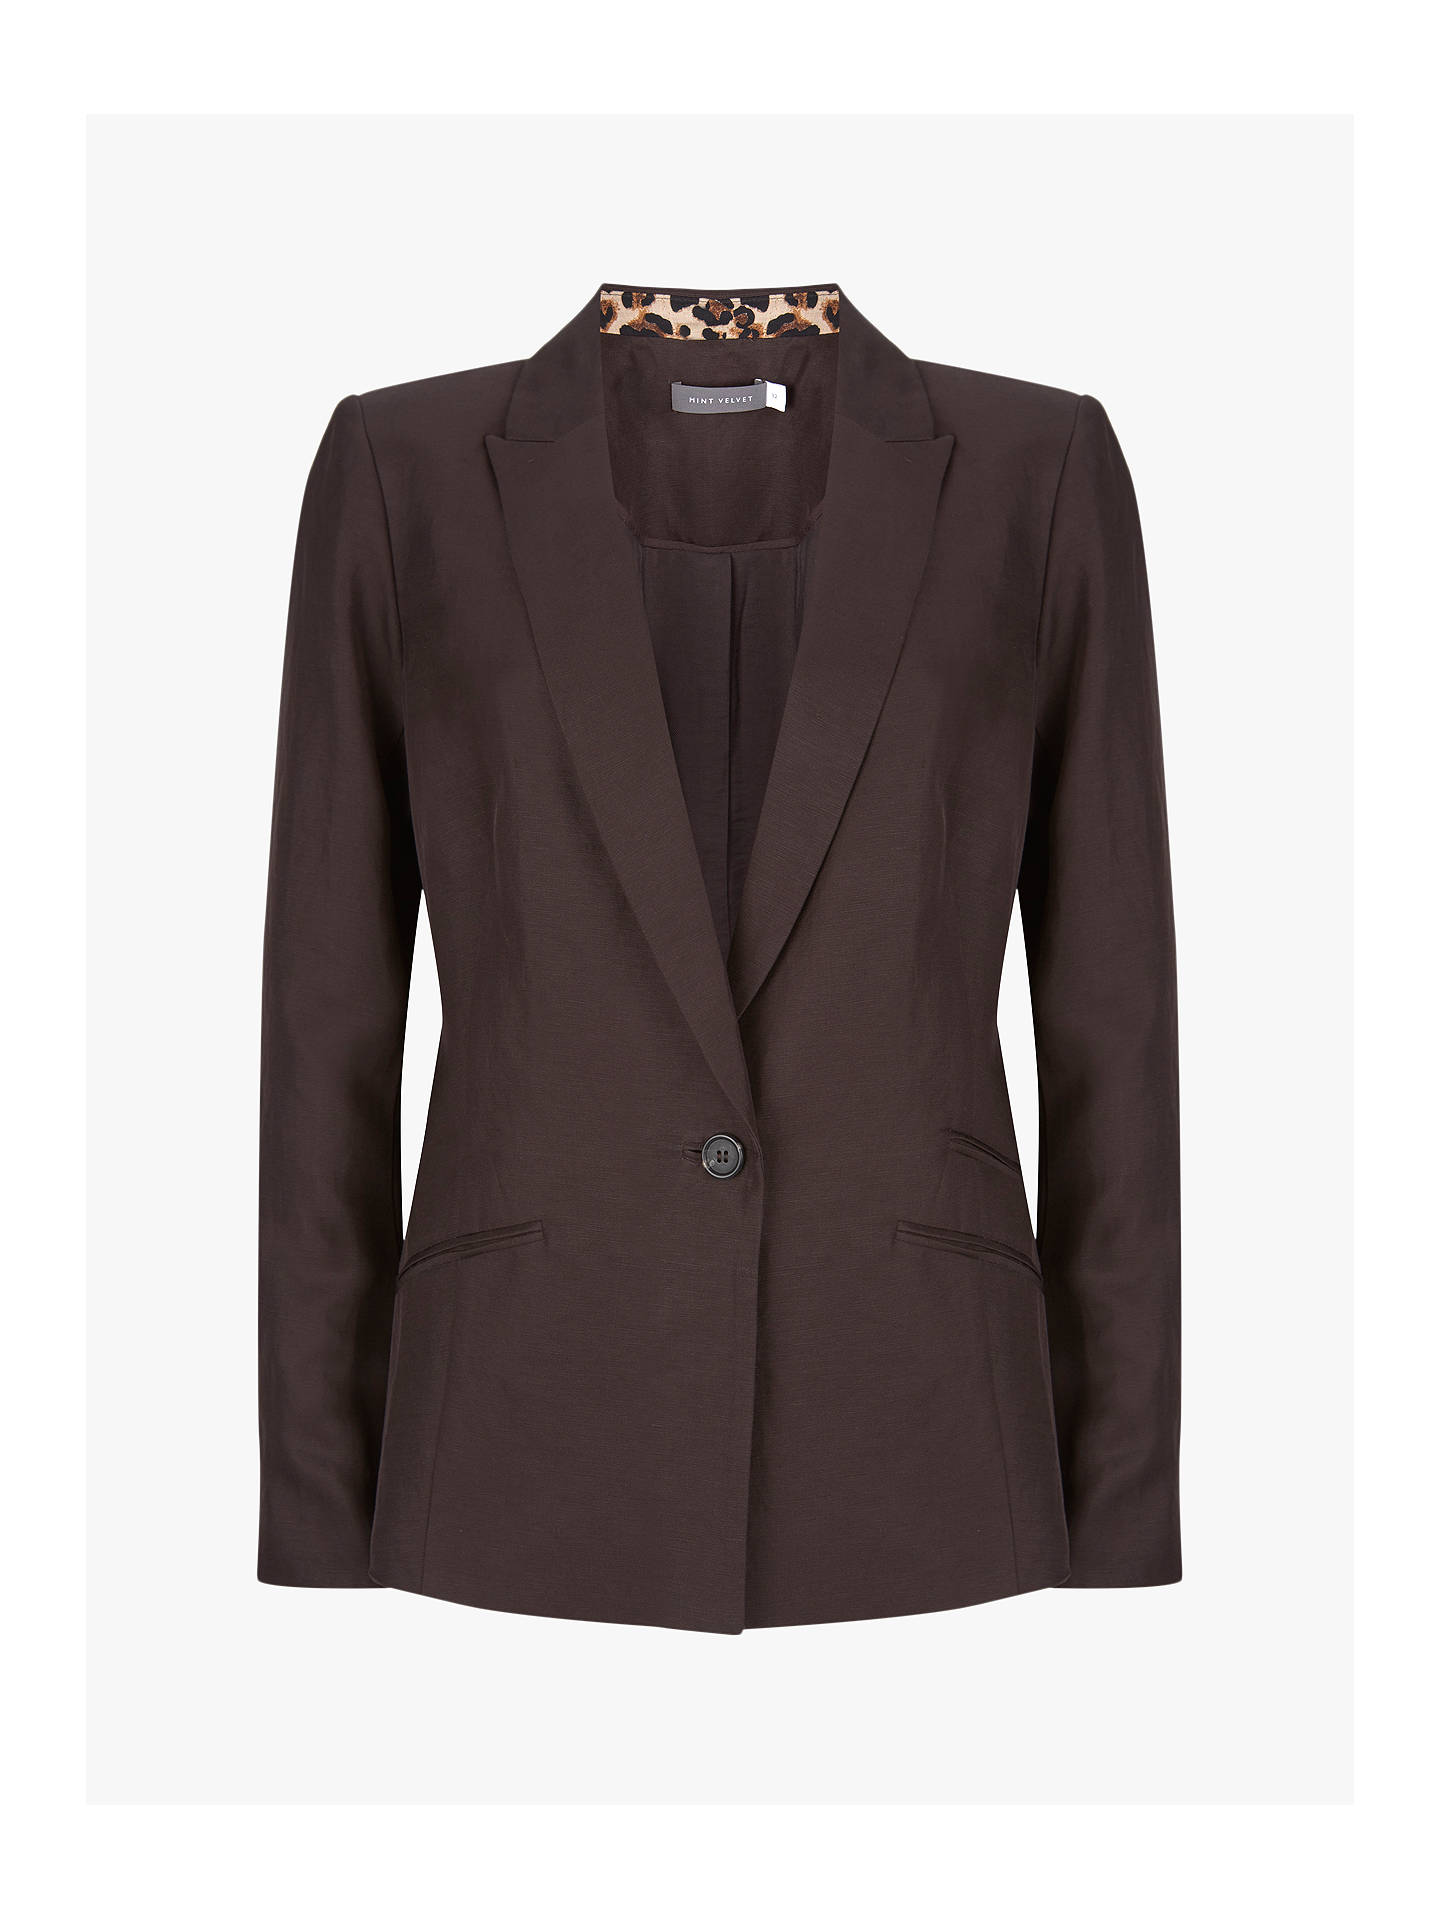 Mint Velvet Tailored Blazer, Brown by Mint Velvet